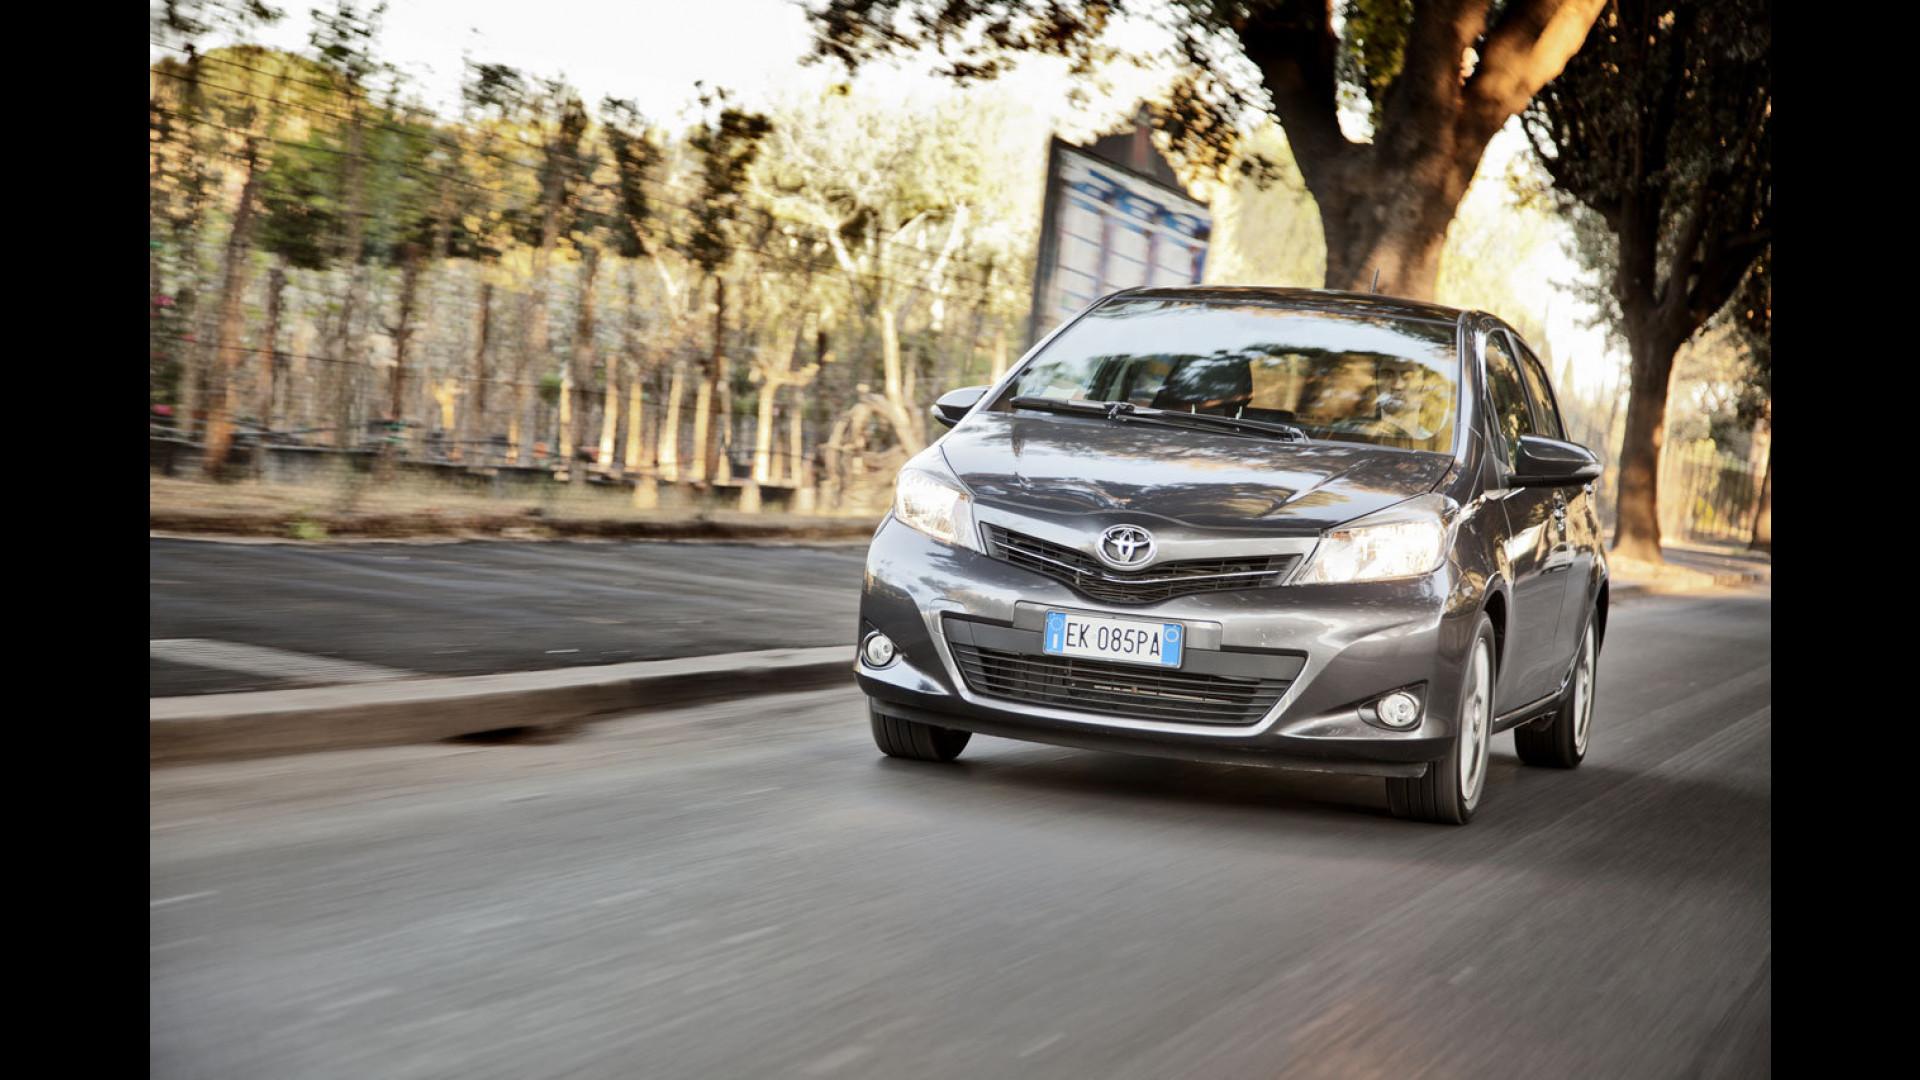 Schema Elettrico Yaris : Toyota yaris 1.3 dual vvt i cvt style